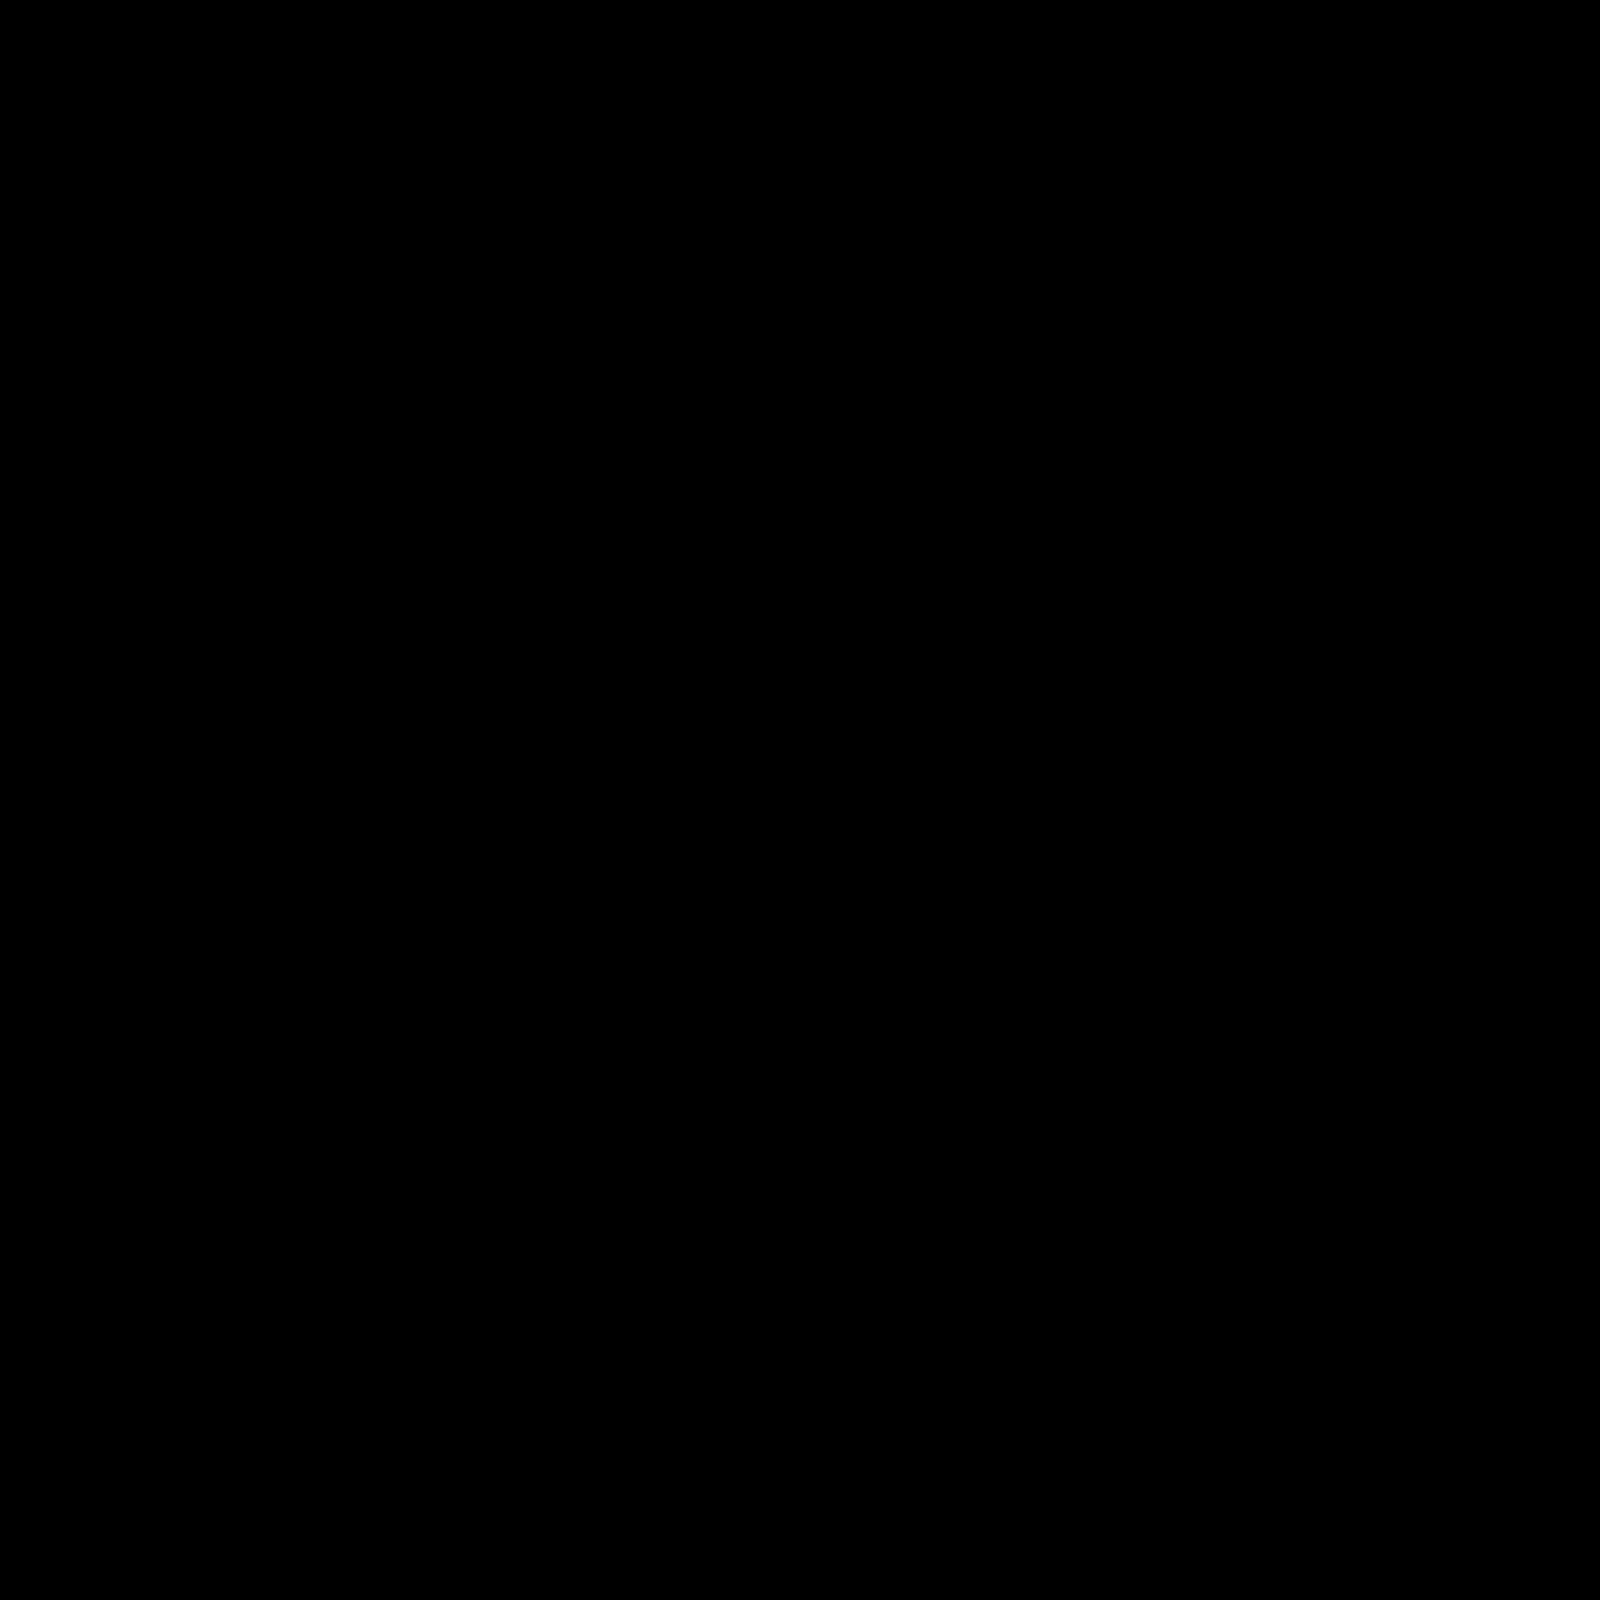 水晶球 icon. Its a picture of a crystal ball. There is a circle resting on top of cone shaped stand. The stand that holds the circle is made of three circles stacked on top of each other forming a cone, with the base being the largest circle and the top circle being the smallest.